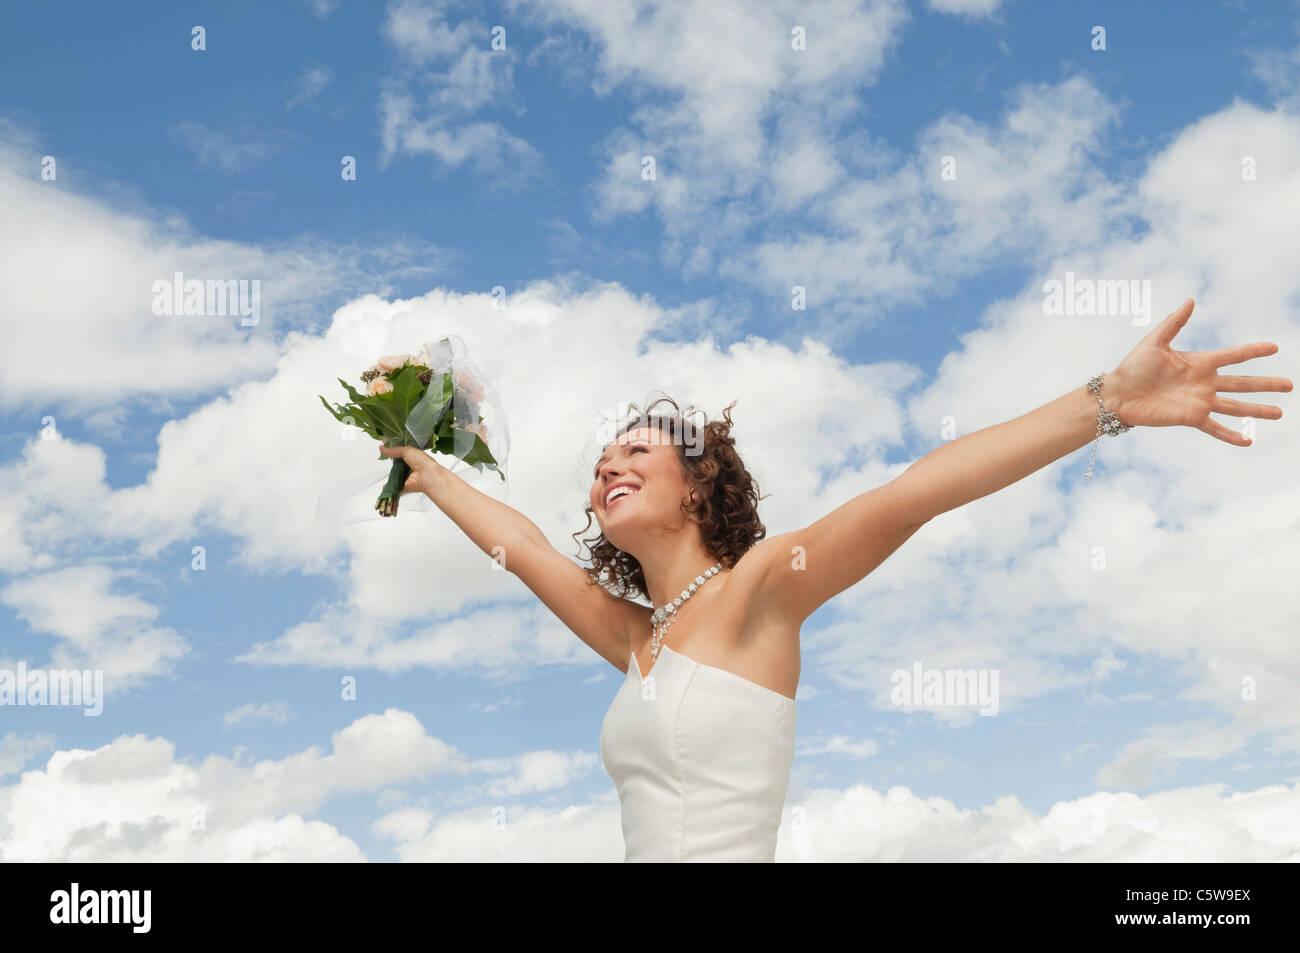 Deutschland, Bayern, lächelnd Braut mit Blumenstrauß und Arme gestreckten, im freien Stockbild